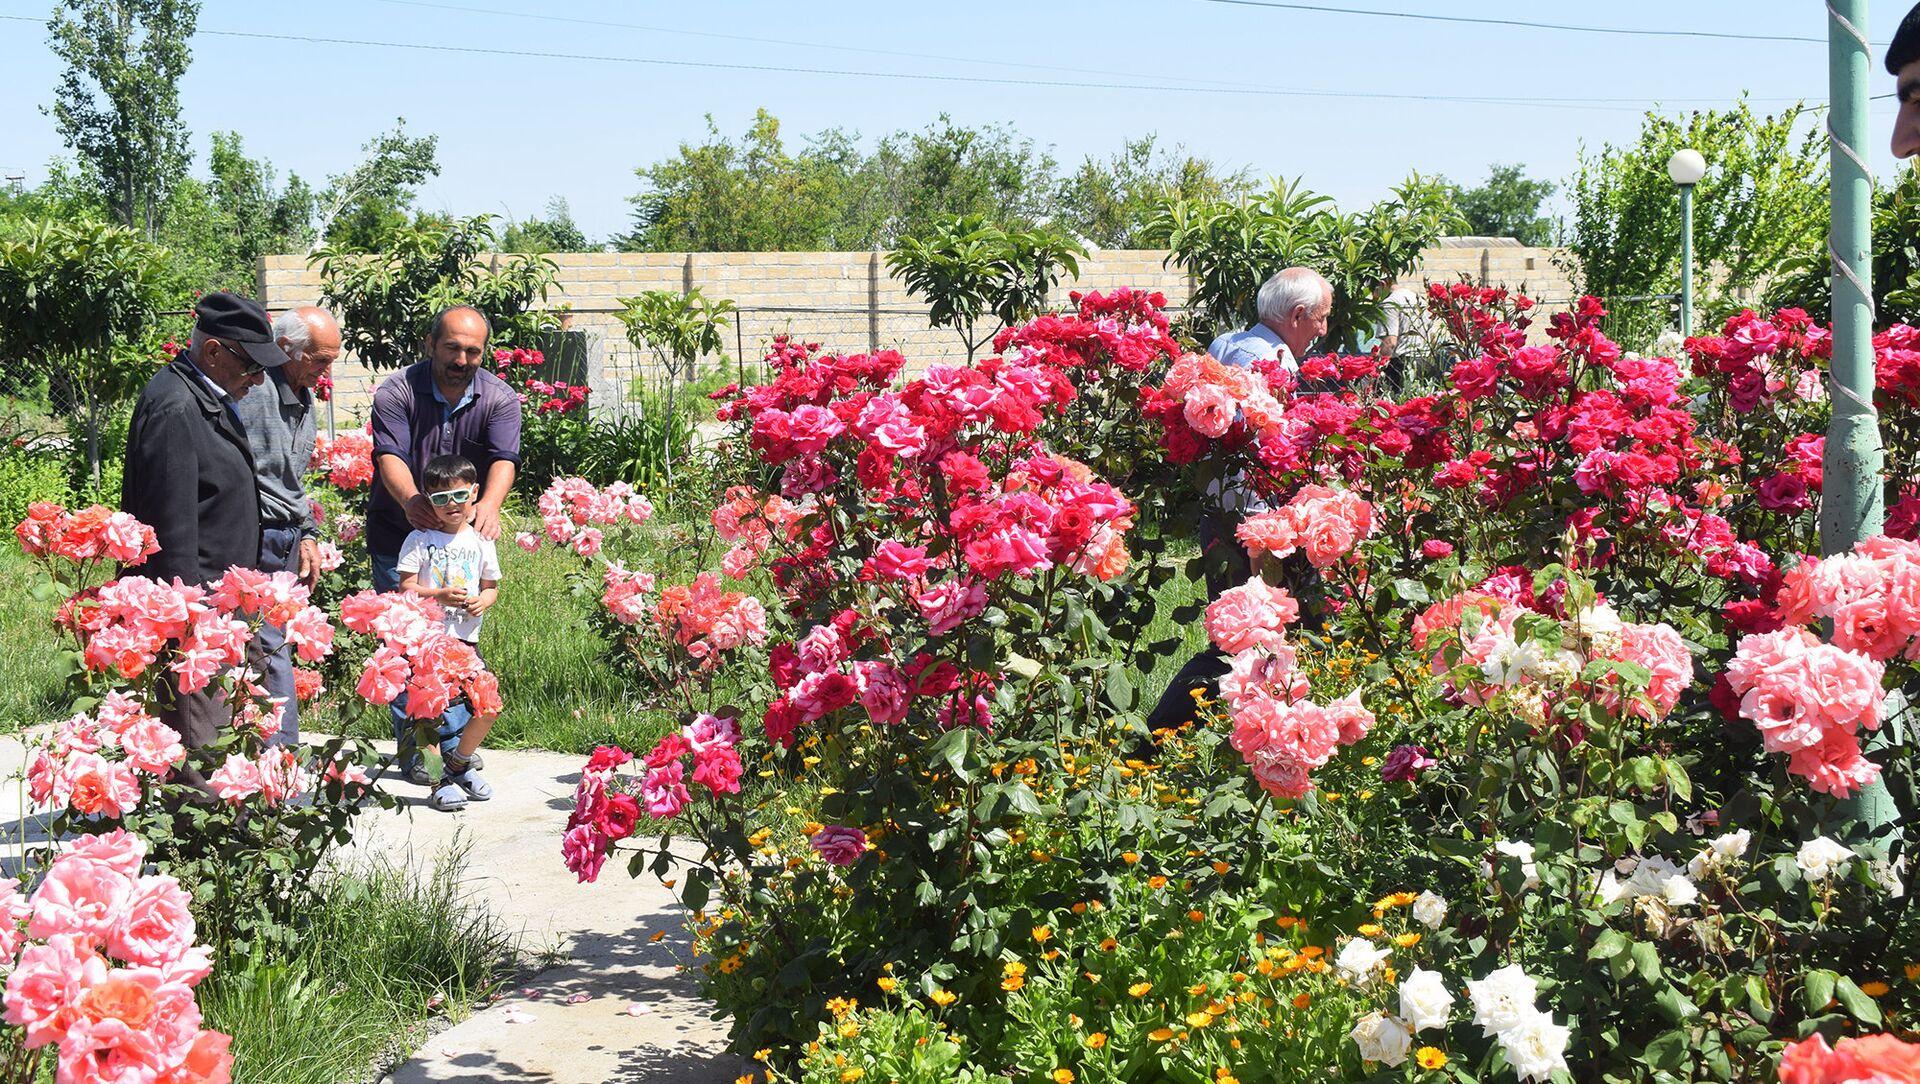 Два года назад Гошгар посадил тут четыре цветочных куста, сегодня в саду растет уже восемь тысяч кустов, десятки видов цветов - Sputnik Азербайджан, 1920, 17.04.2021